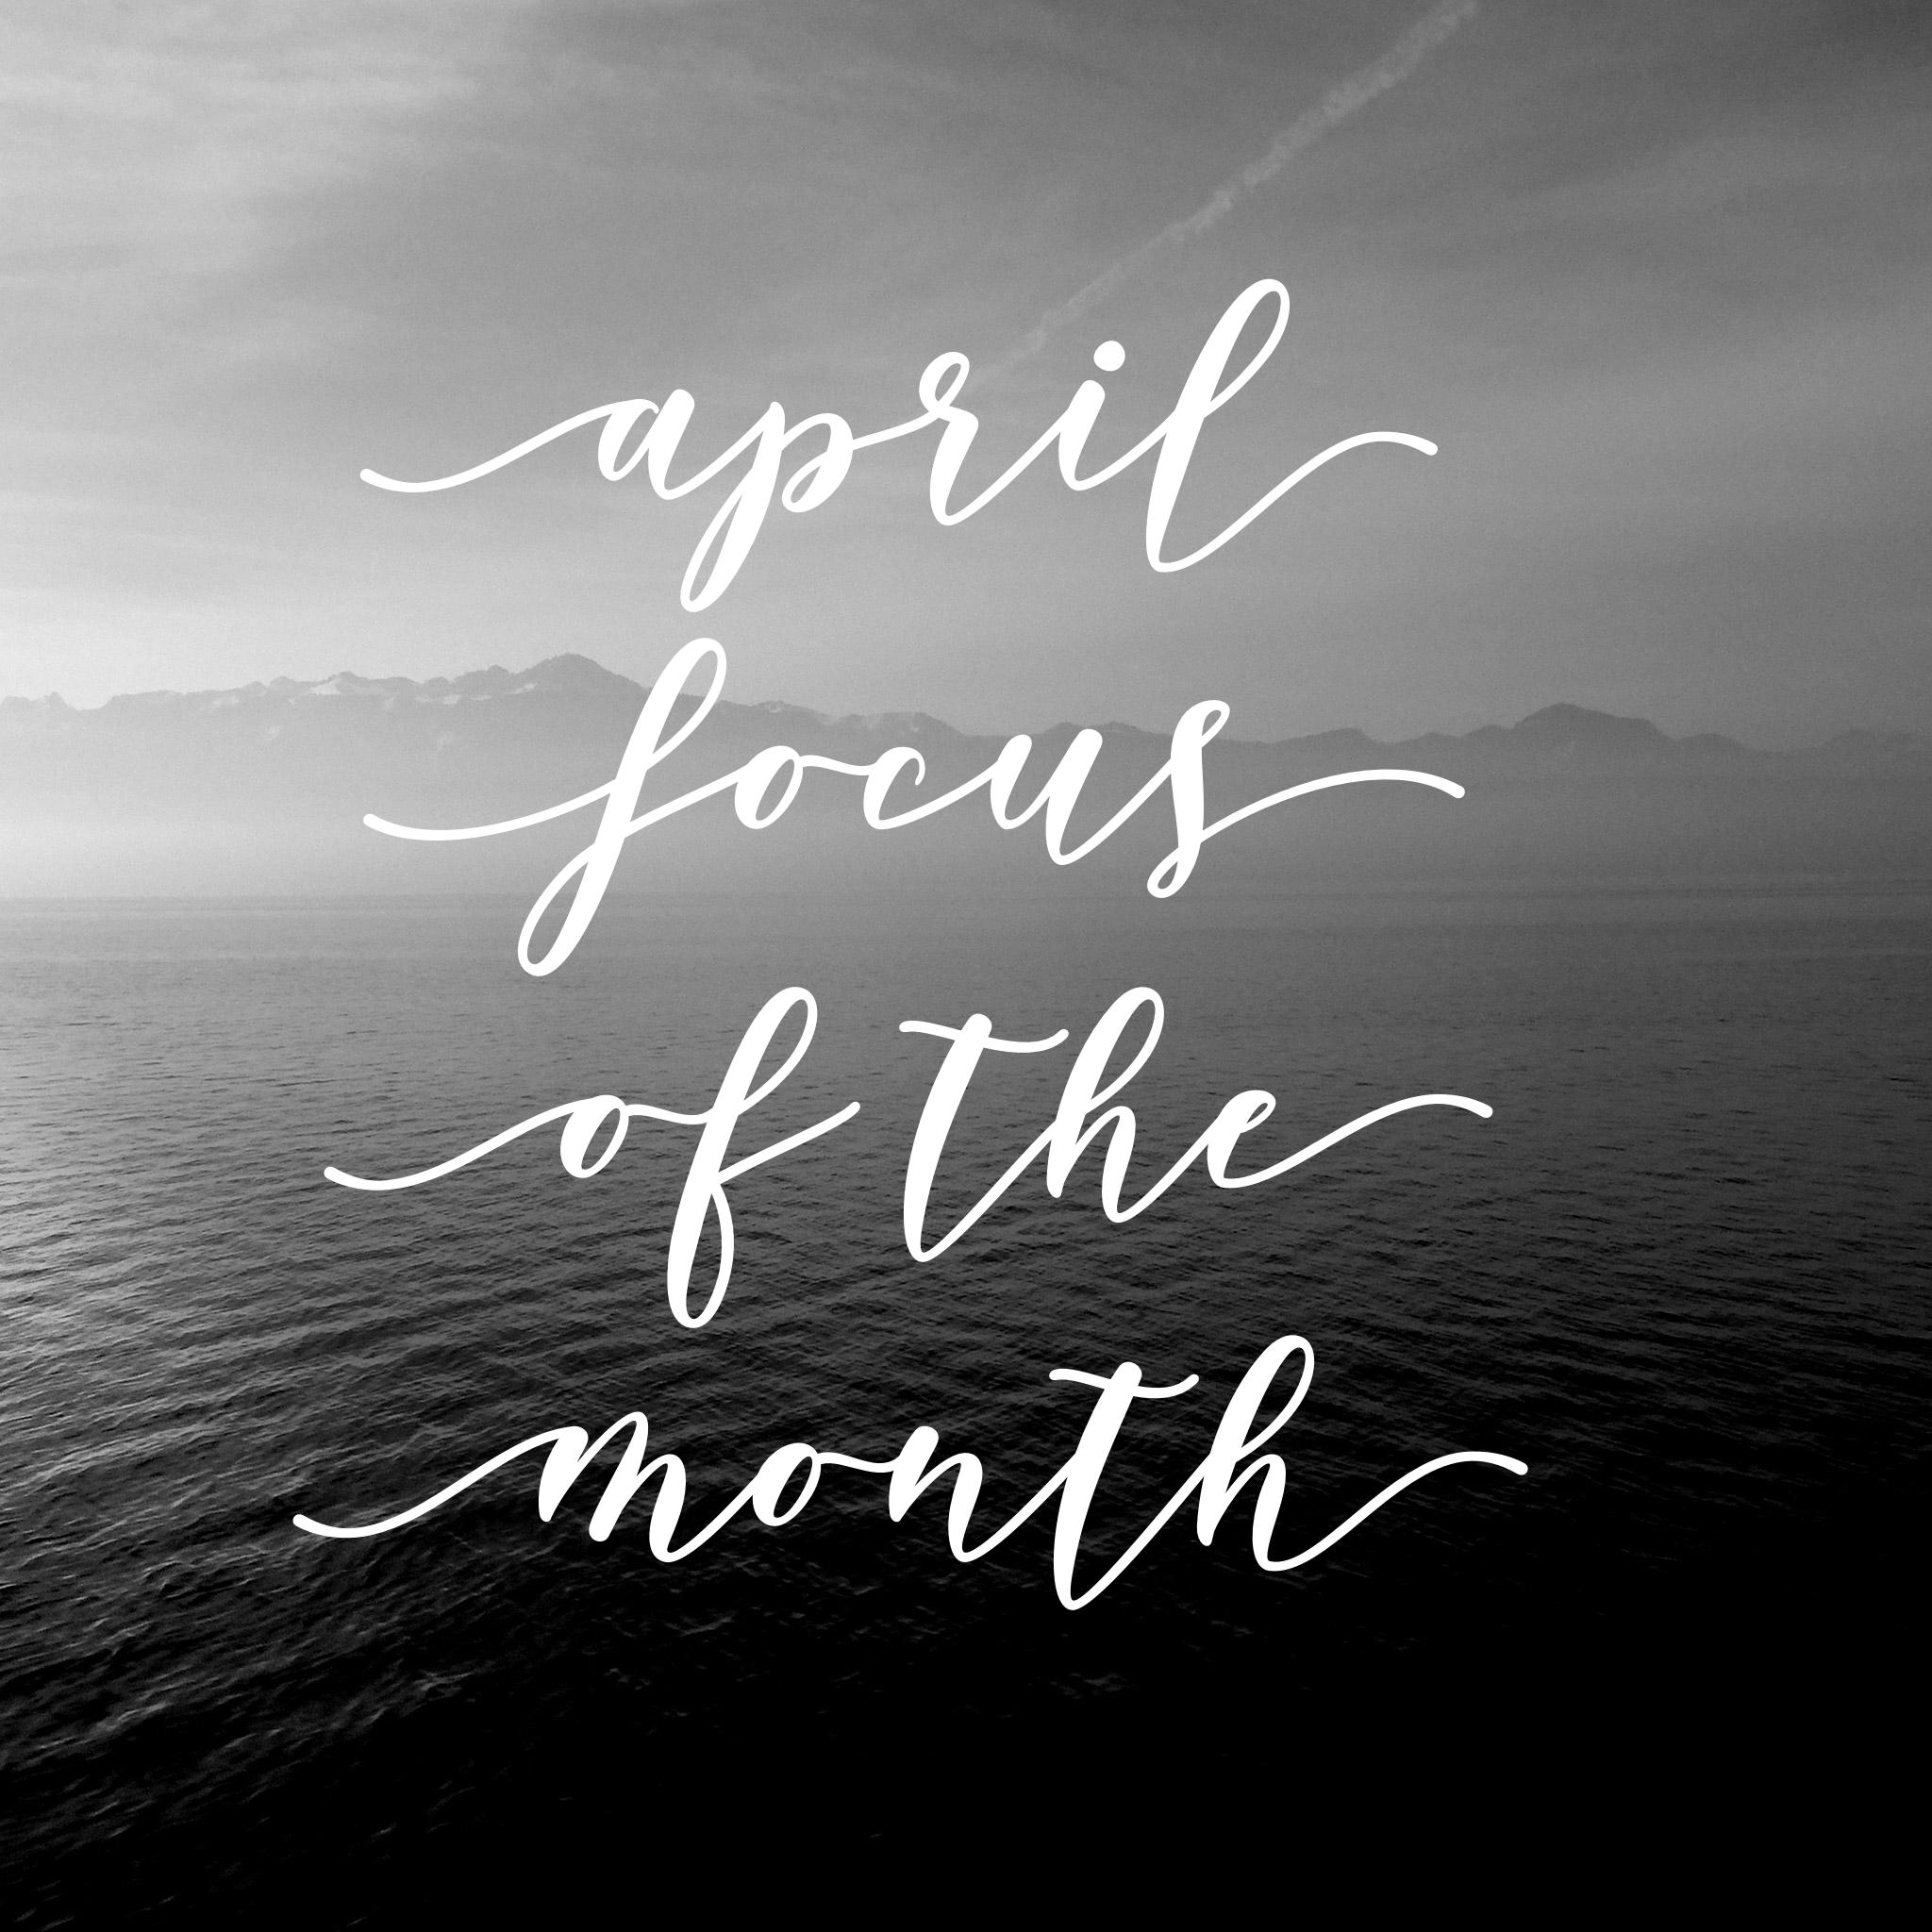 FOTM April